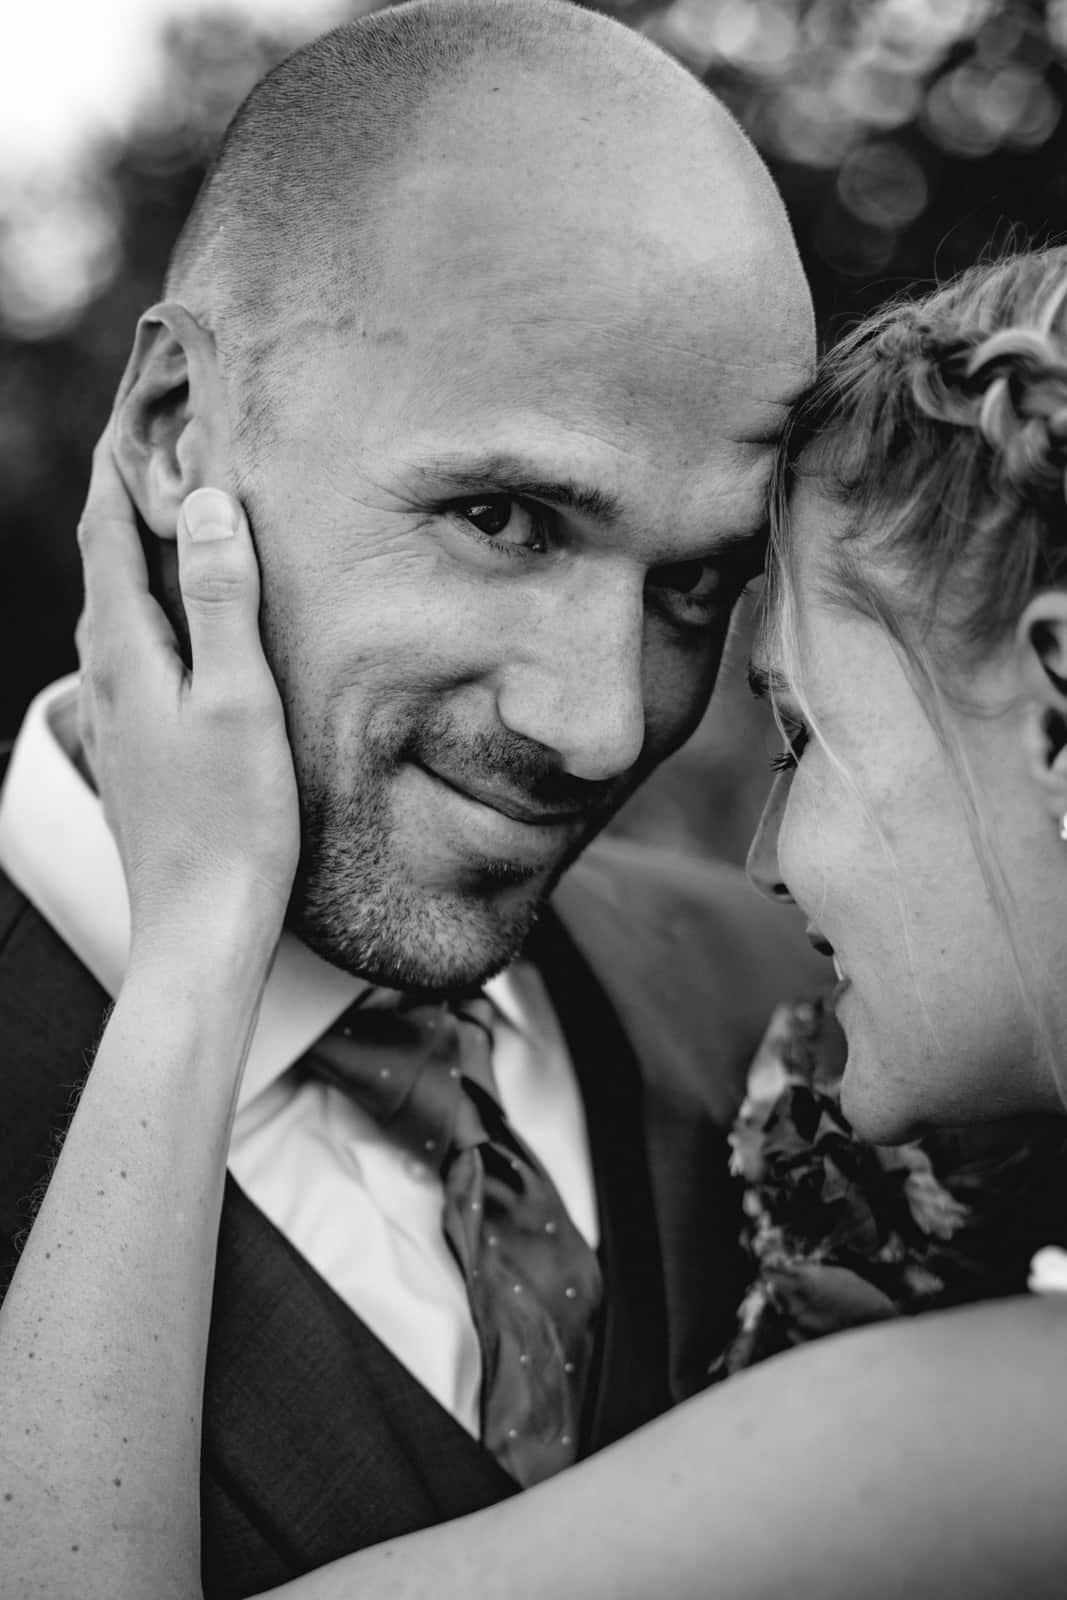 Bräutigam schaut in die Kamera während seine Frau mit ihrer Stirn an seine lehnt und ihre Hand an seinem Hals zärtlich angelegt hat.